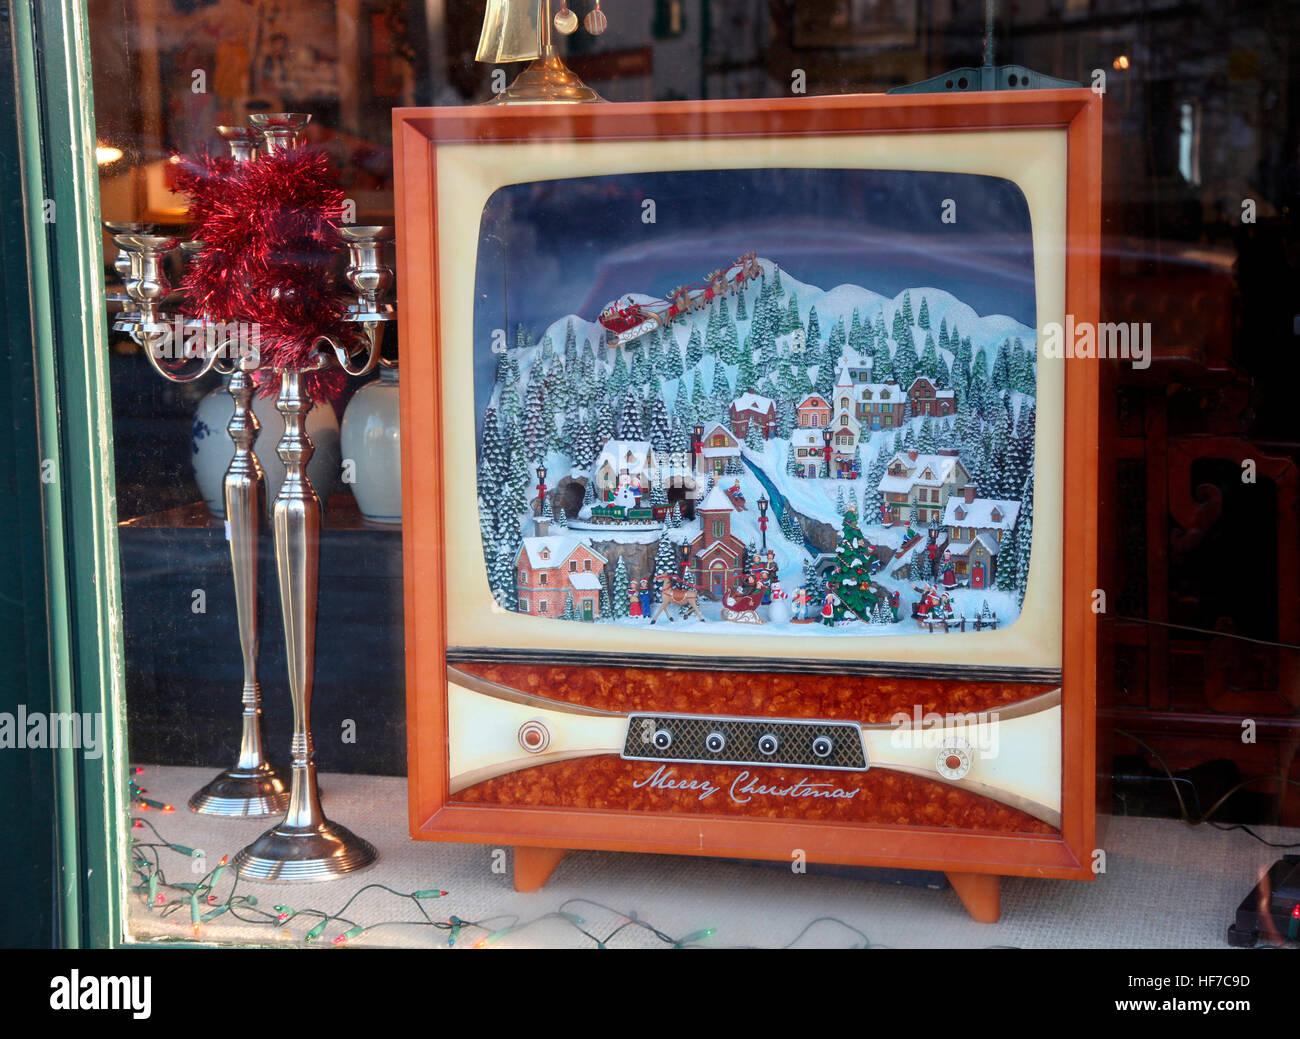 Christmas window of Matthews Auctions, Oldcastle, Ireland - Stock Image